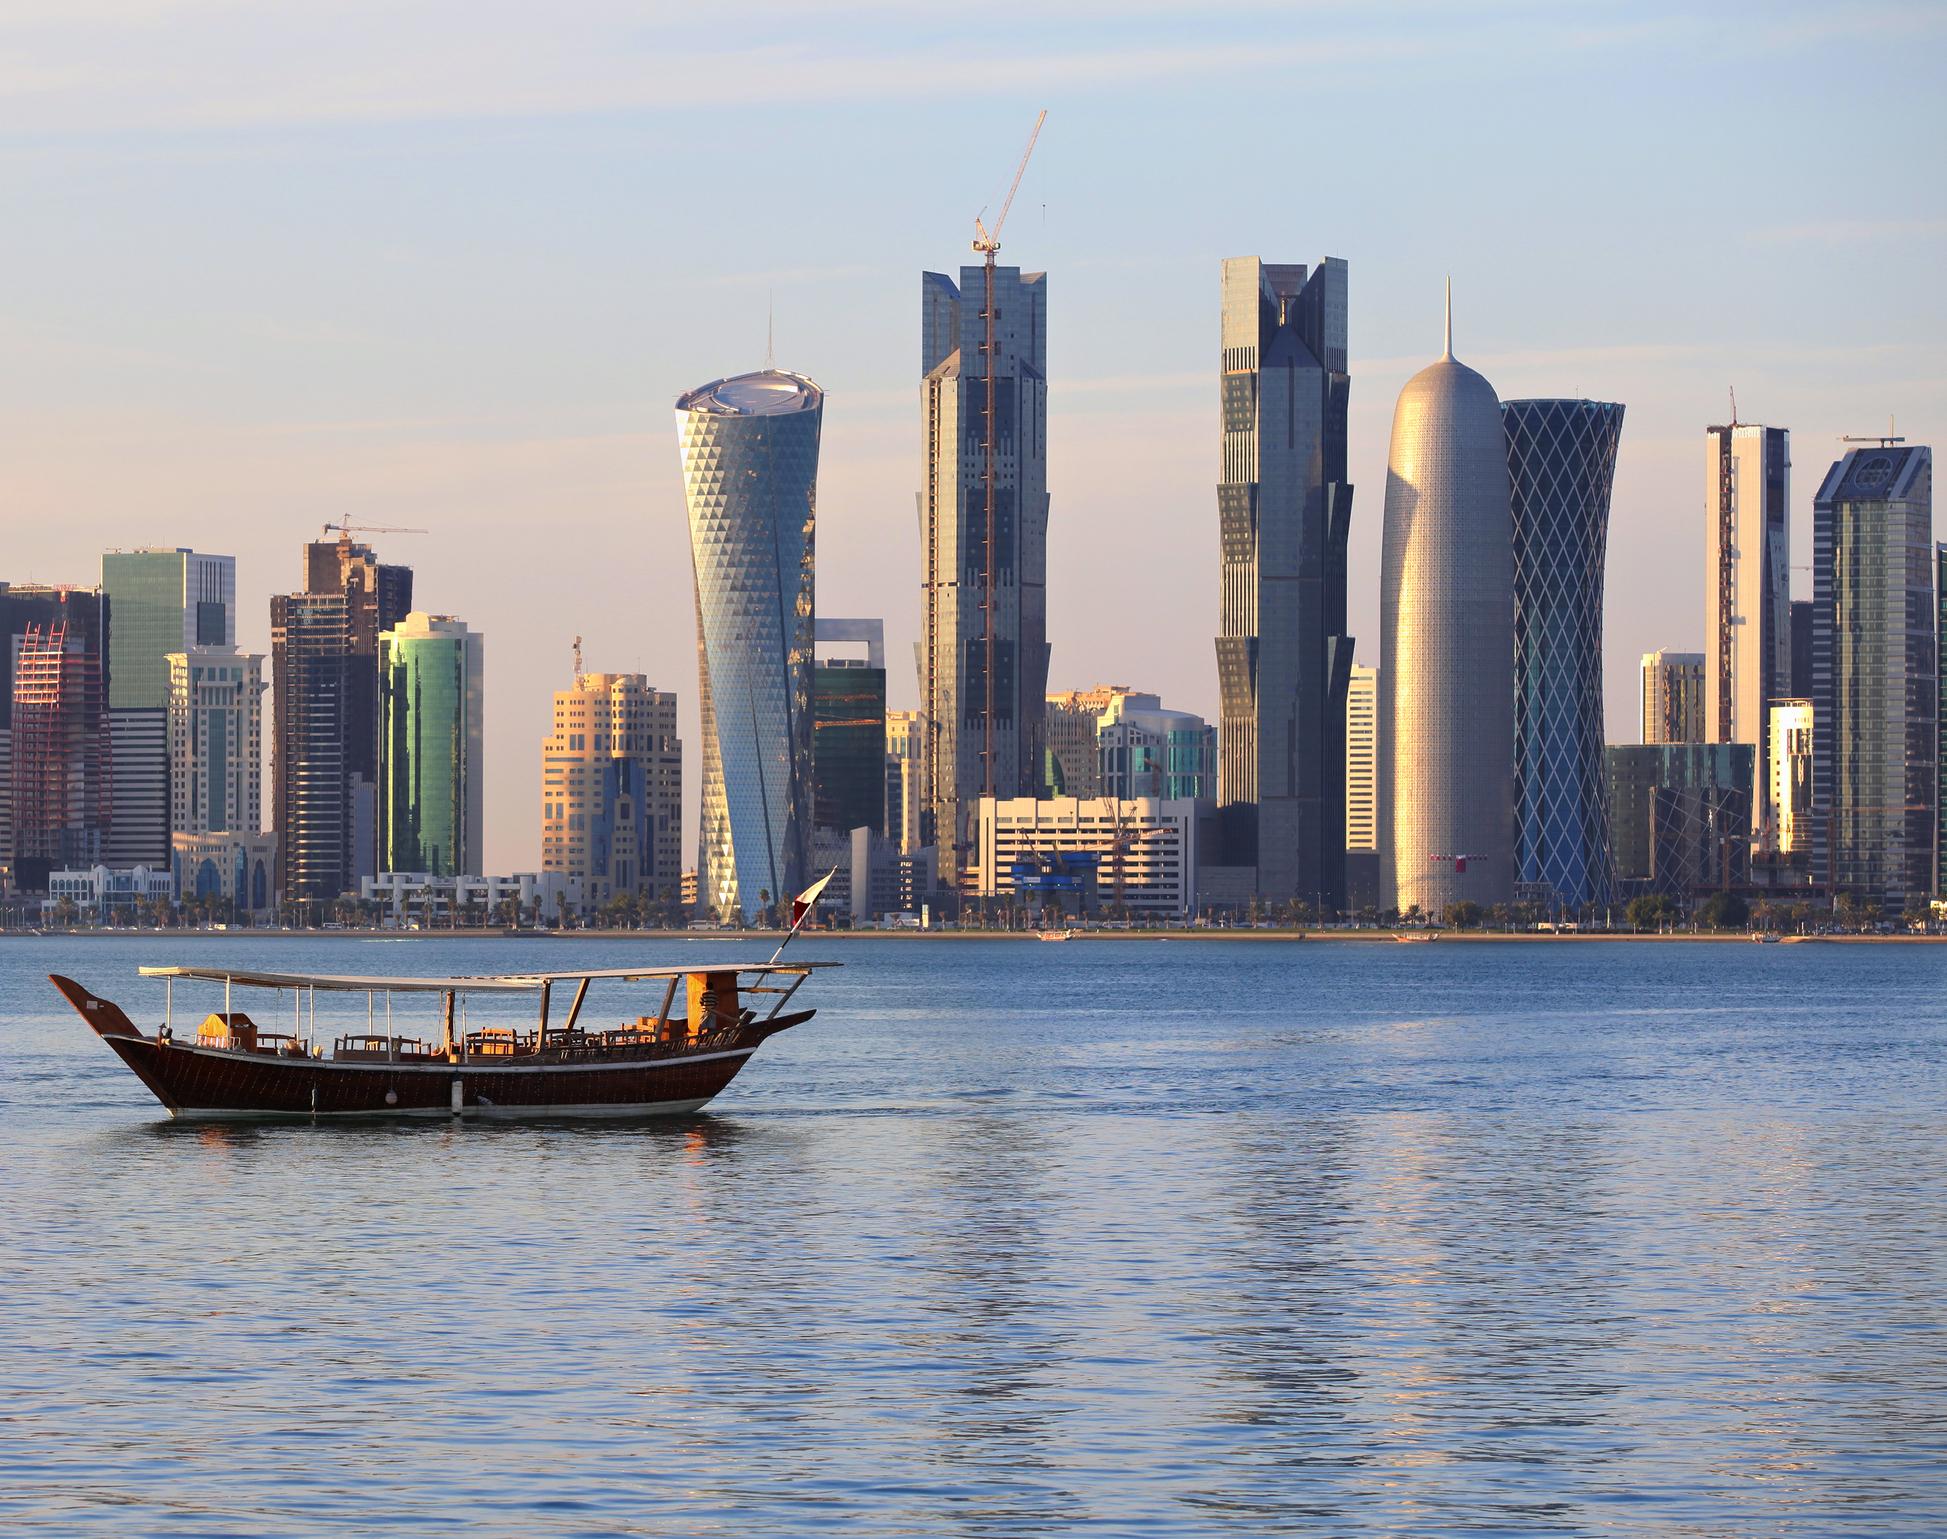 © Paul Cowan qatar_17614642